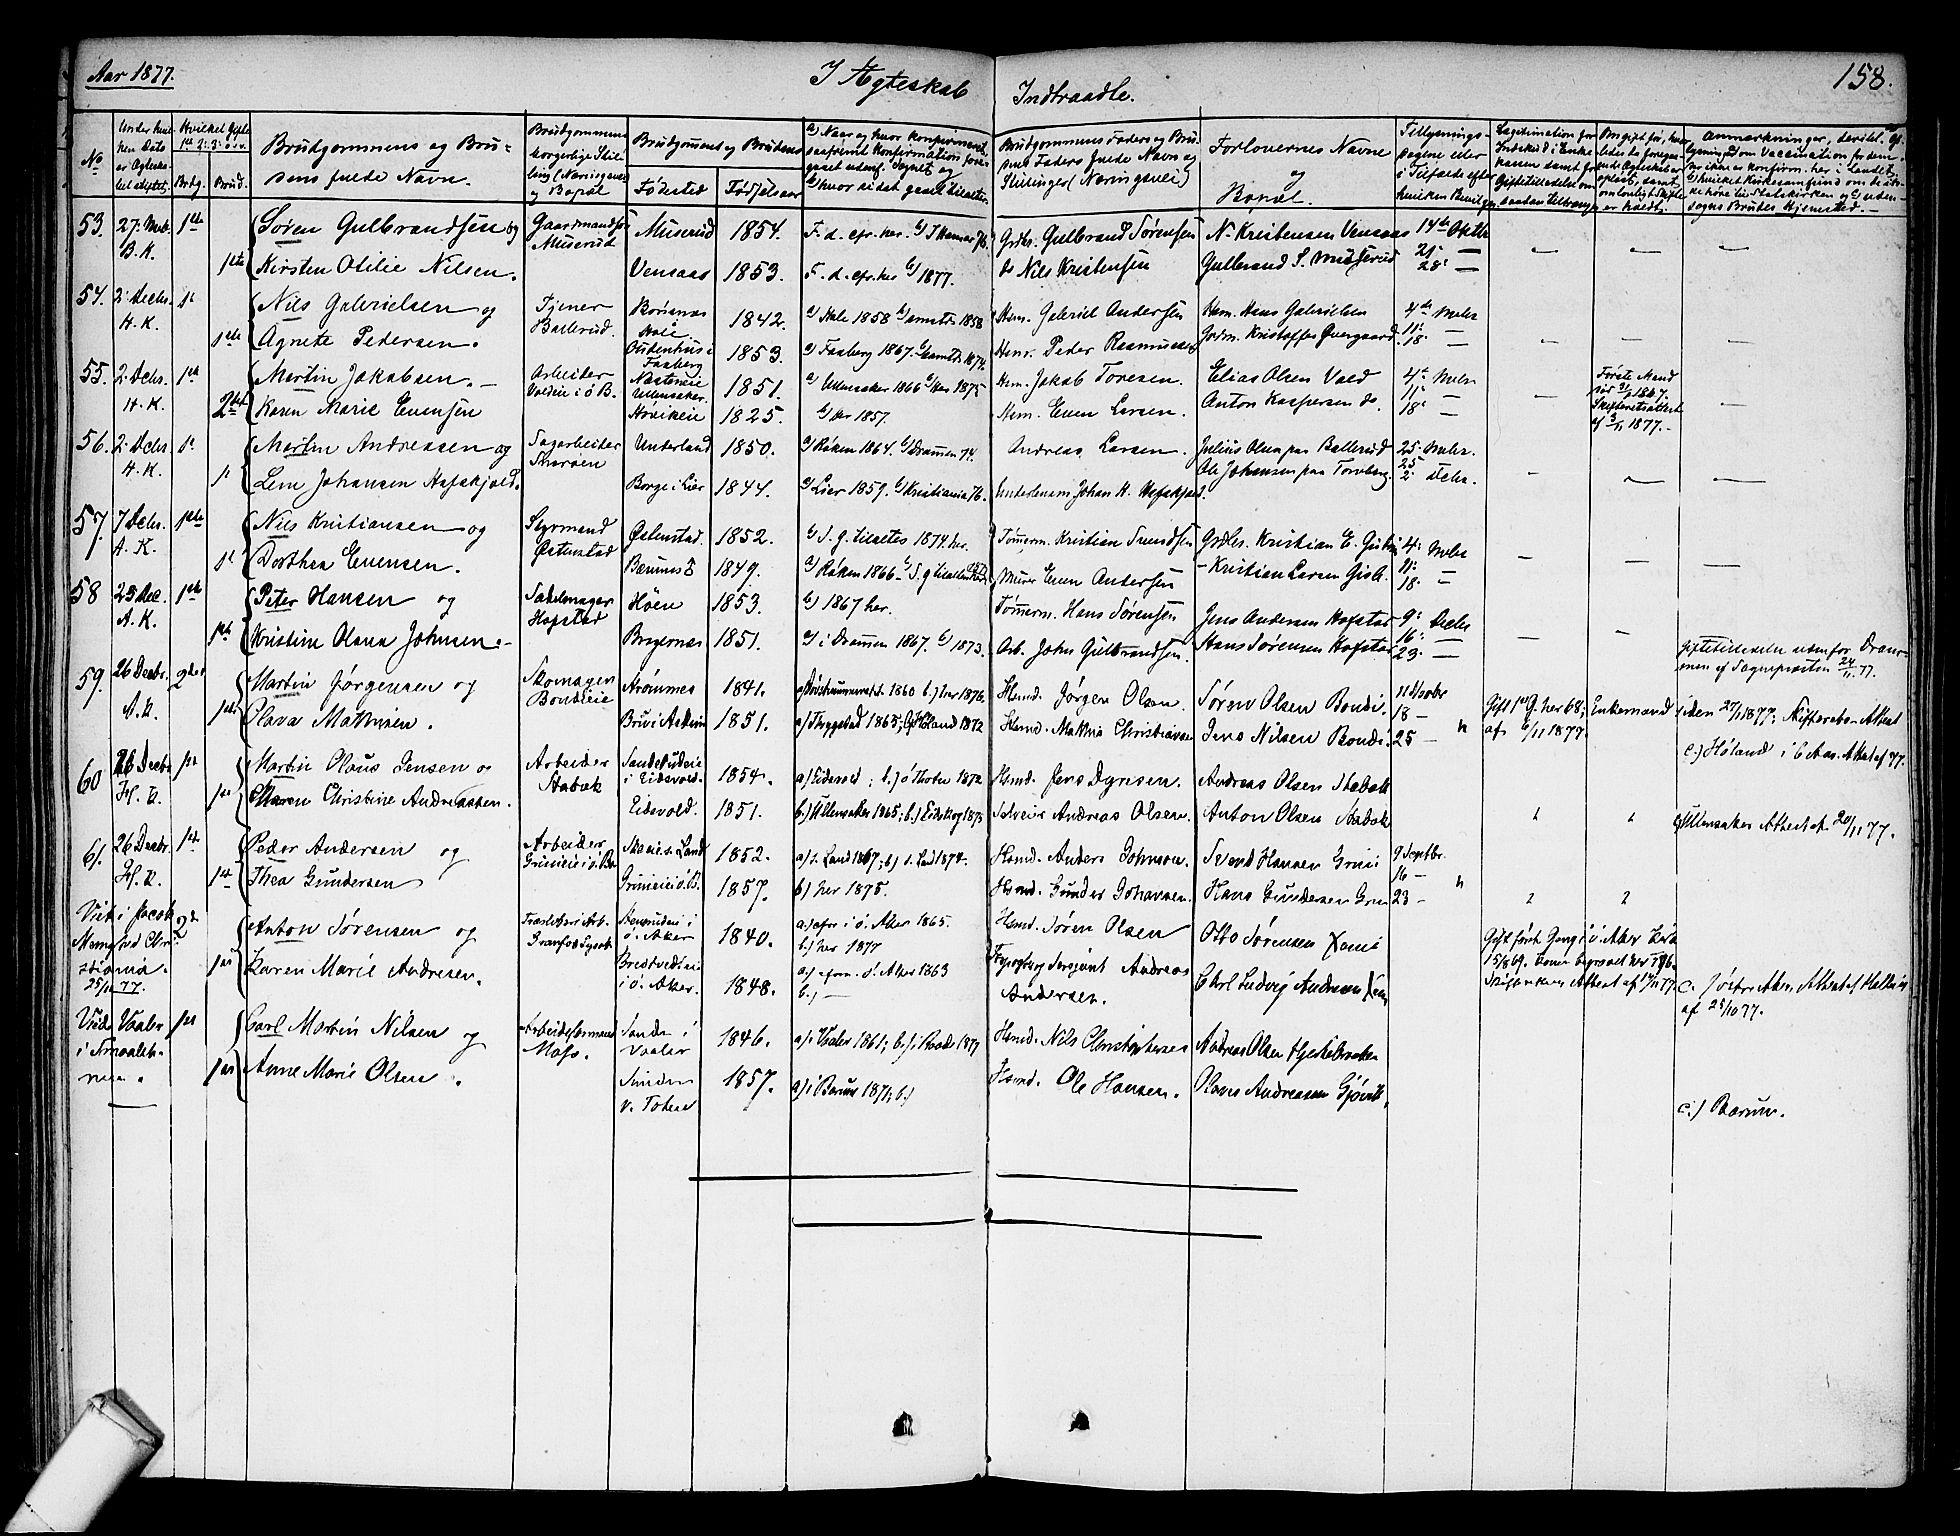 SAO, Asker prestekontor Kirkebøker, F/Fa/L0010: Ministerialbok nr. I 10, 1825-1878, s. 158